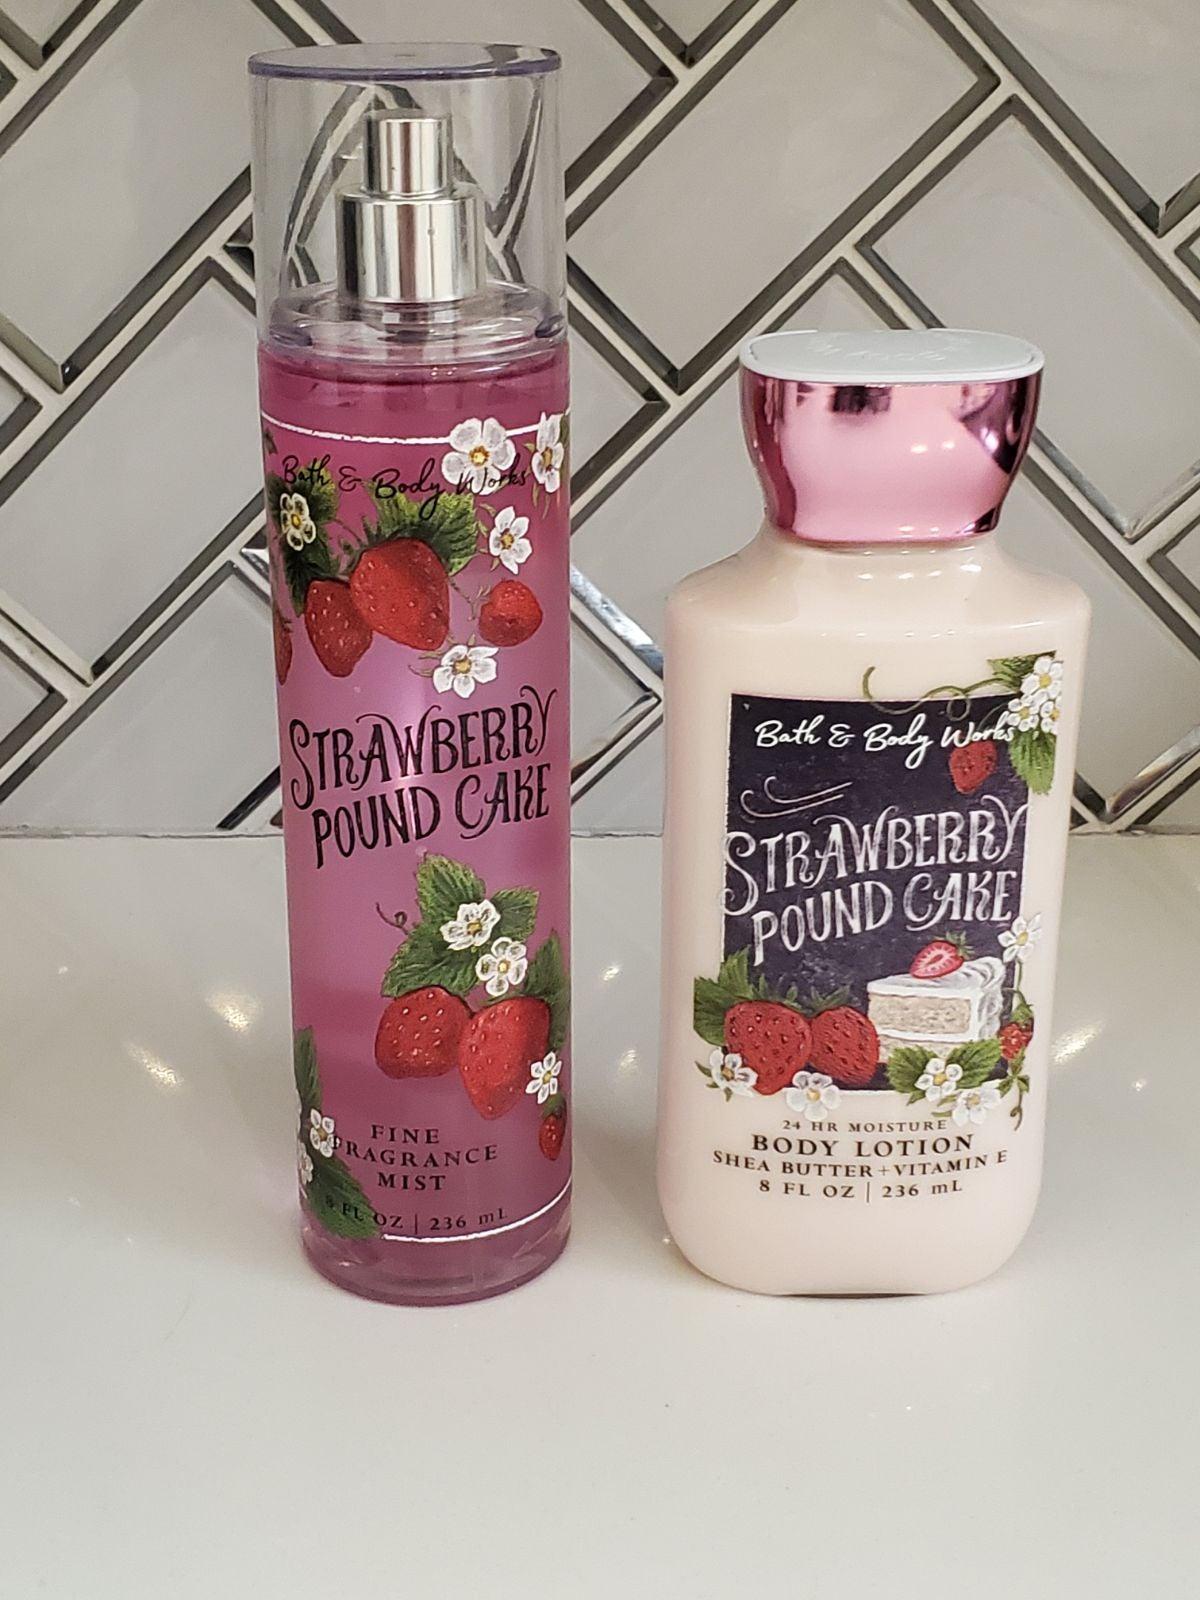 Bath and Body Works Strawberry Pound Cak